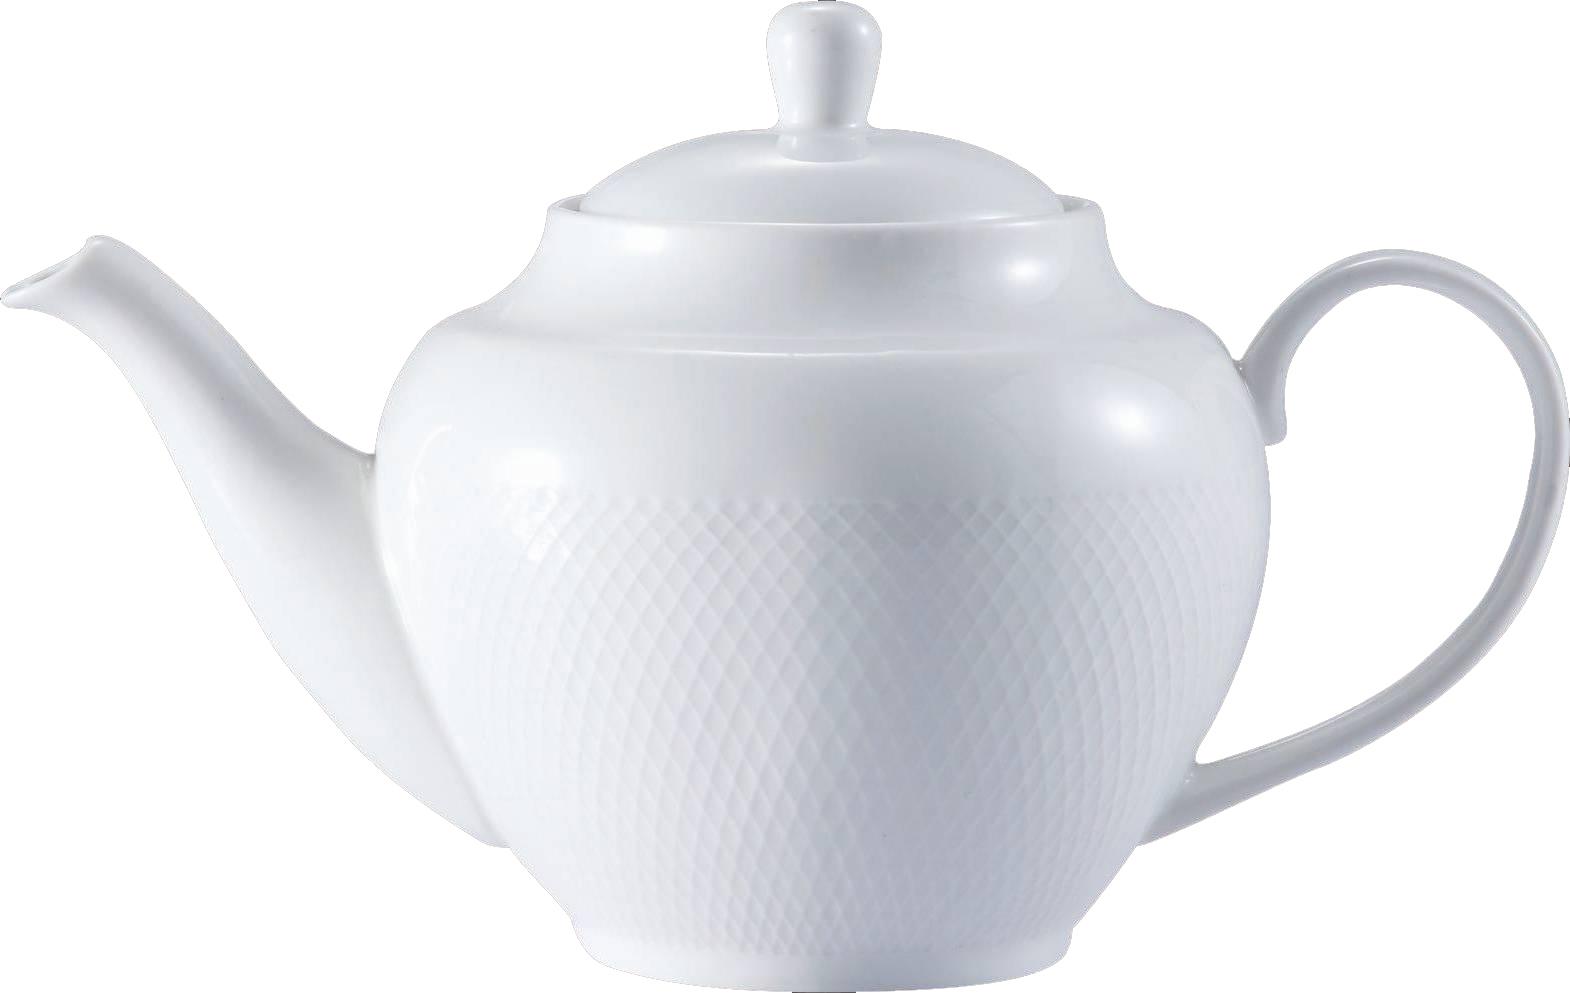 TUDOR ENGLAND Royal Sutton Заварочный чайник 990 мл в фирменной коробке 1. Материал - твердый фарфор 2. Цвет- молочный 3. Можно использовать в микроволновой печи 4. Можно использовать в посудомоечной машине